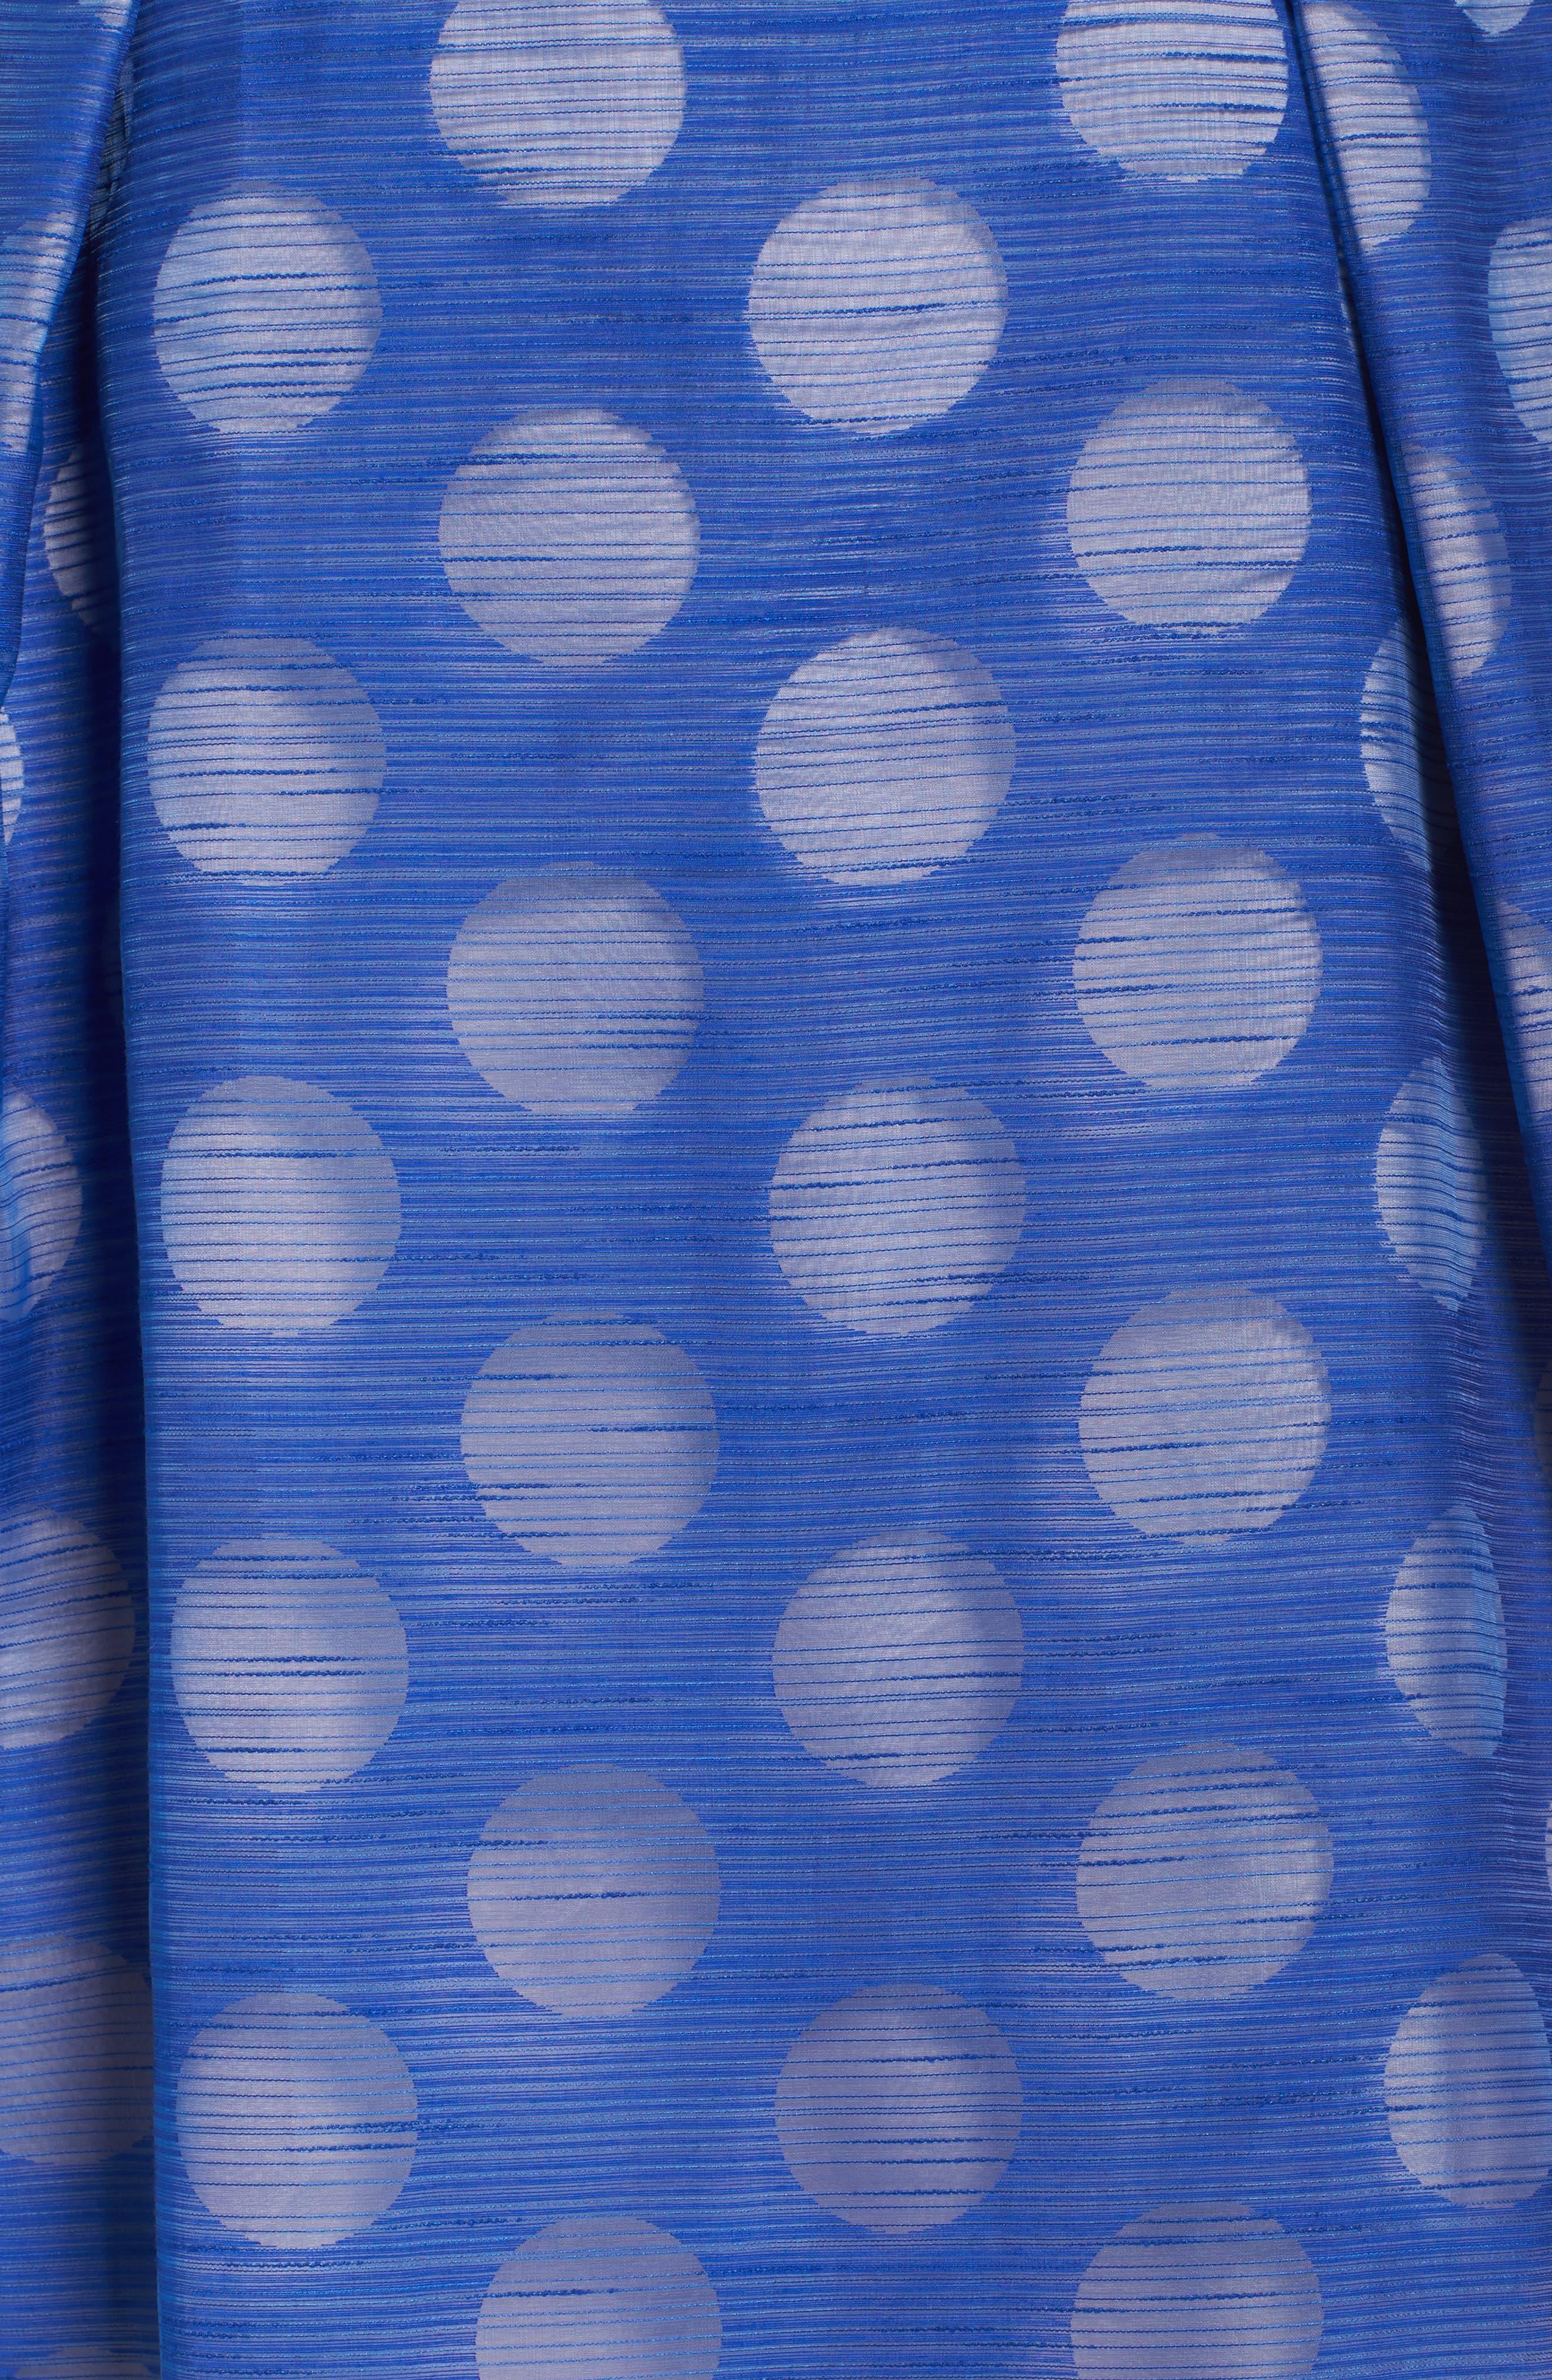 Pop Dot Burnout Fit & Flare Dress,                             Alternate thumbnail 5, color,                             Cobalt/ Blush